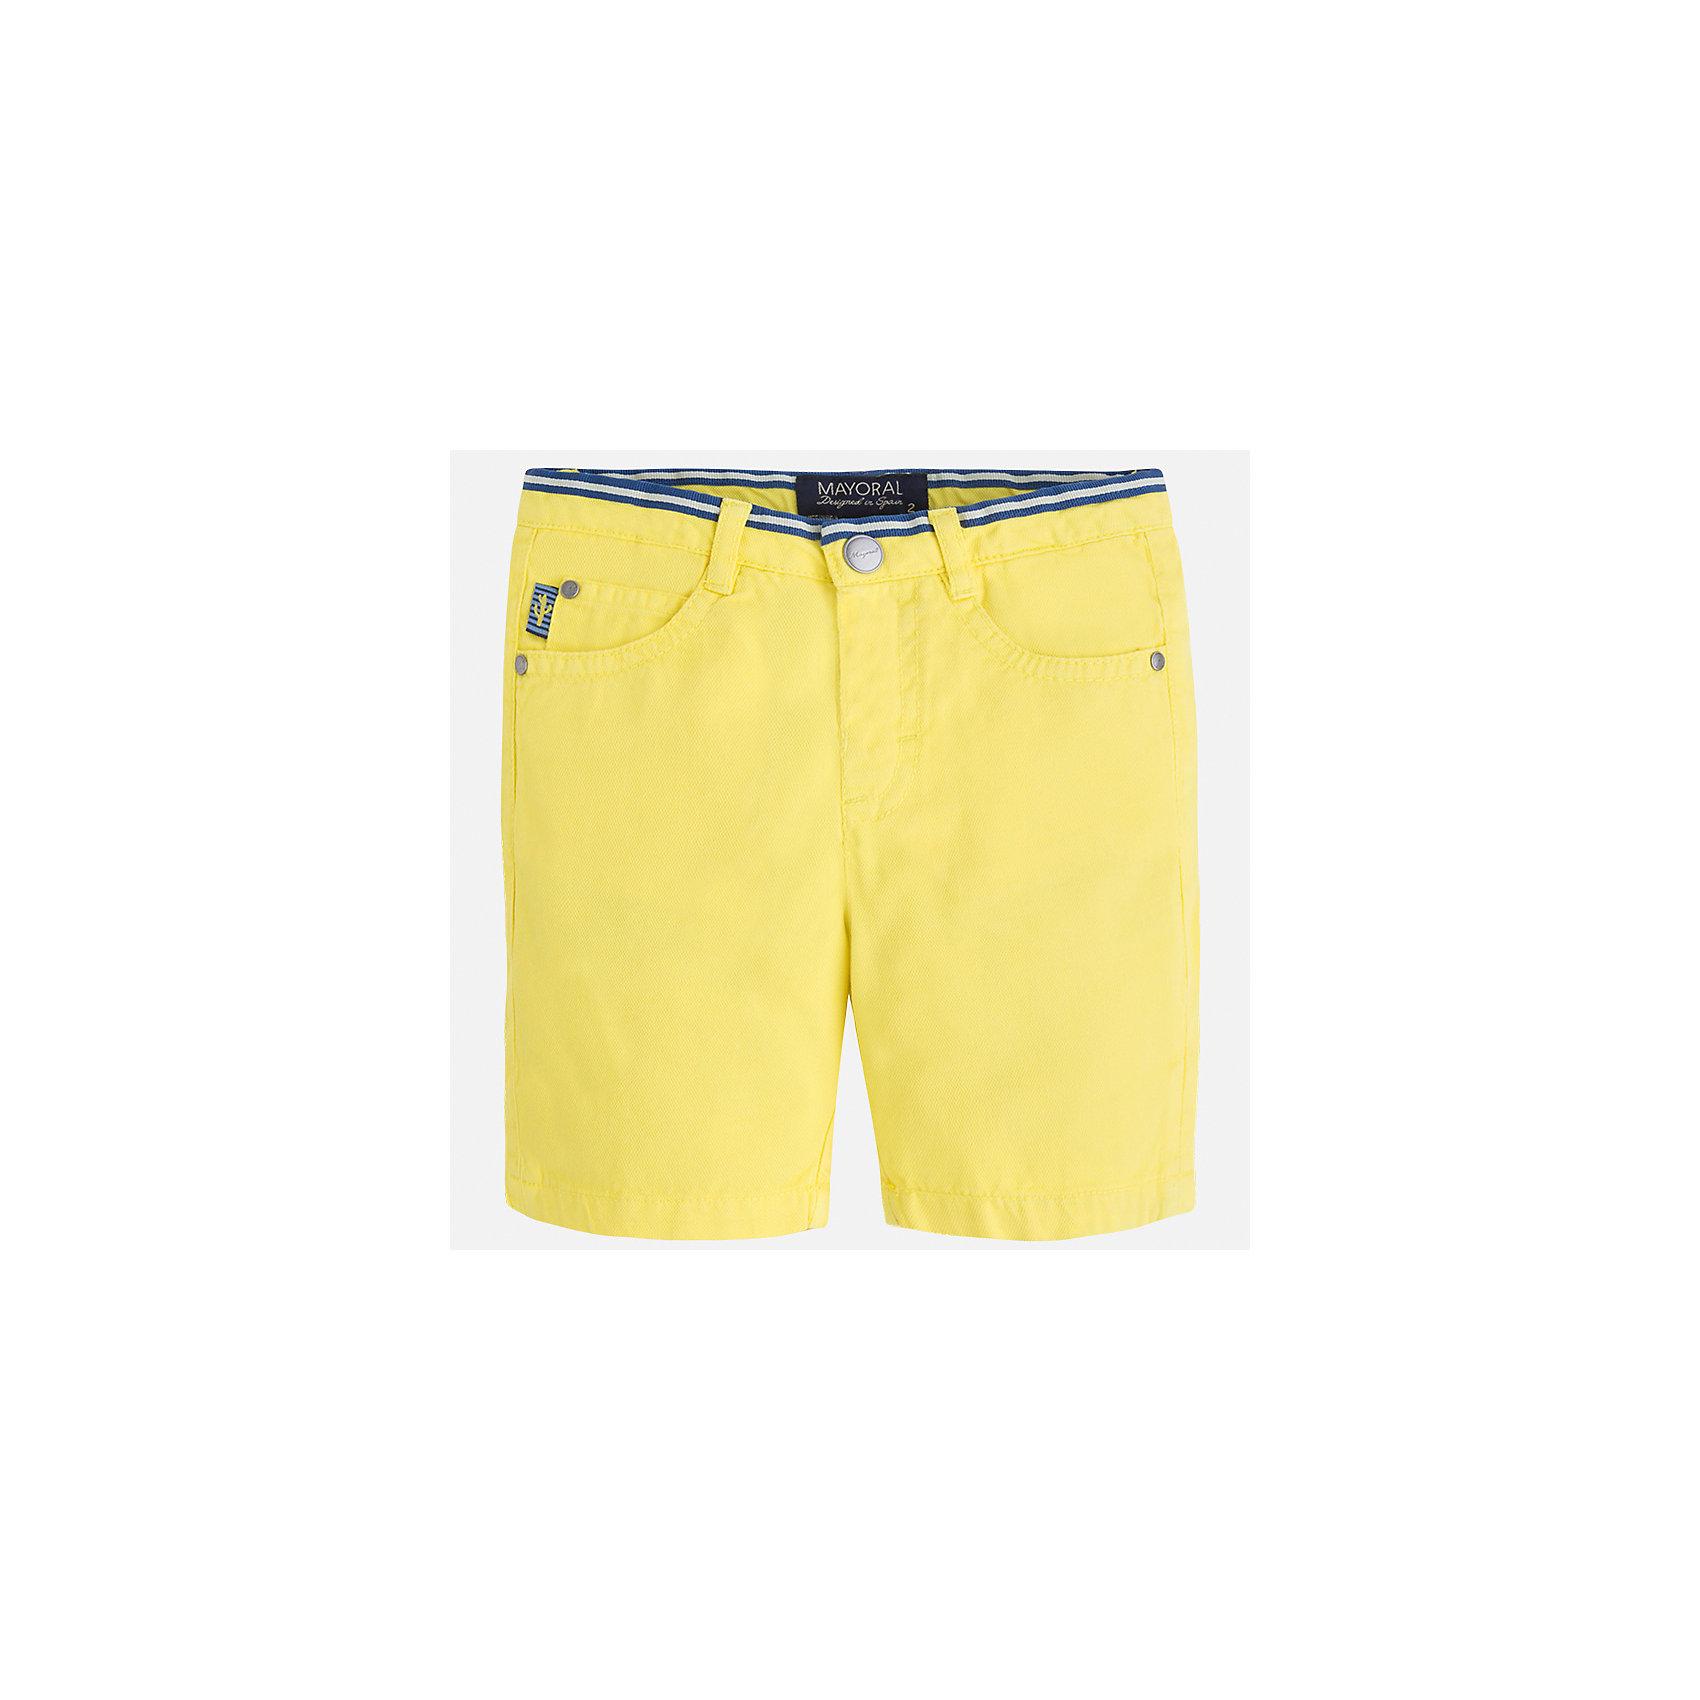 Бриджи для мальчика MayoralШорты, бриджи, капри<br>Характеристики товара:<br><br>• цвет: желтый<br>• состав: 100% хлопок<br>• шлевки<br>• карманы<br>• пояс с регулировкой объема<br>• классический крой<br>• страна бренда: Испания<br><br>Модные бриджи для мальчика смогут стать базовой вещью в гардеробе ребенка. Они отлично сочетаются с майками, футболками, рубашками и т.д. Универсальный крой и цвет позволяет подобрать к вещи верх разных расцветок. Практичное и стильное изделие! В составе материала - натуральный хлопок, гипоаллергенный, приятный на ощупь, дышащий.<br><br>Одежда, обувь и аксессуары от испанского бренда Mayoral полюбились детям и взрослым по всему миру. Модели этой марки - стильные и удобные. Для их производства используются только безопасные, качественные материалы и фурнитура. Порадуйте ребенка модными и красивыми вещами от Mayoral! <br><br>Бриджи для мальчика от испанского бренда Mayoral (Майорал) можно купить в нашем интернет-магазине.<br><br>Ширина мм: 191<br>Глубина мм: 10<br>Высота мм: 175<br>Вес г: 273<br>Цвет: желтый<br>Возраст от месяцев: 36<br>Возраст до месяцев: 48<br>Пол: Мужской<br>Возраст: Детский<br>Размер: 92,104,116,110,128,98,134,122<br>SKU: 5272567